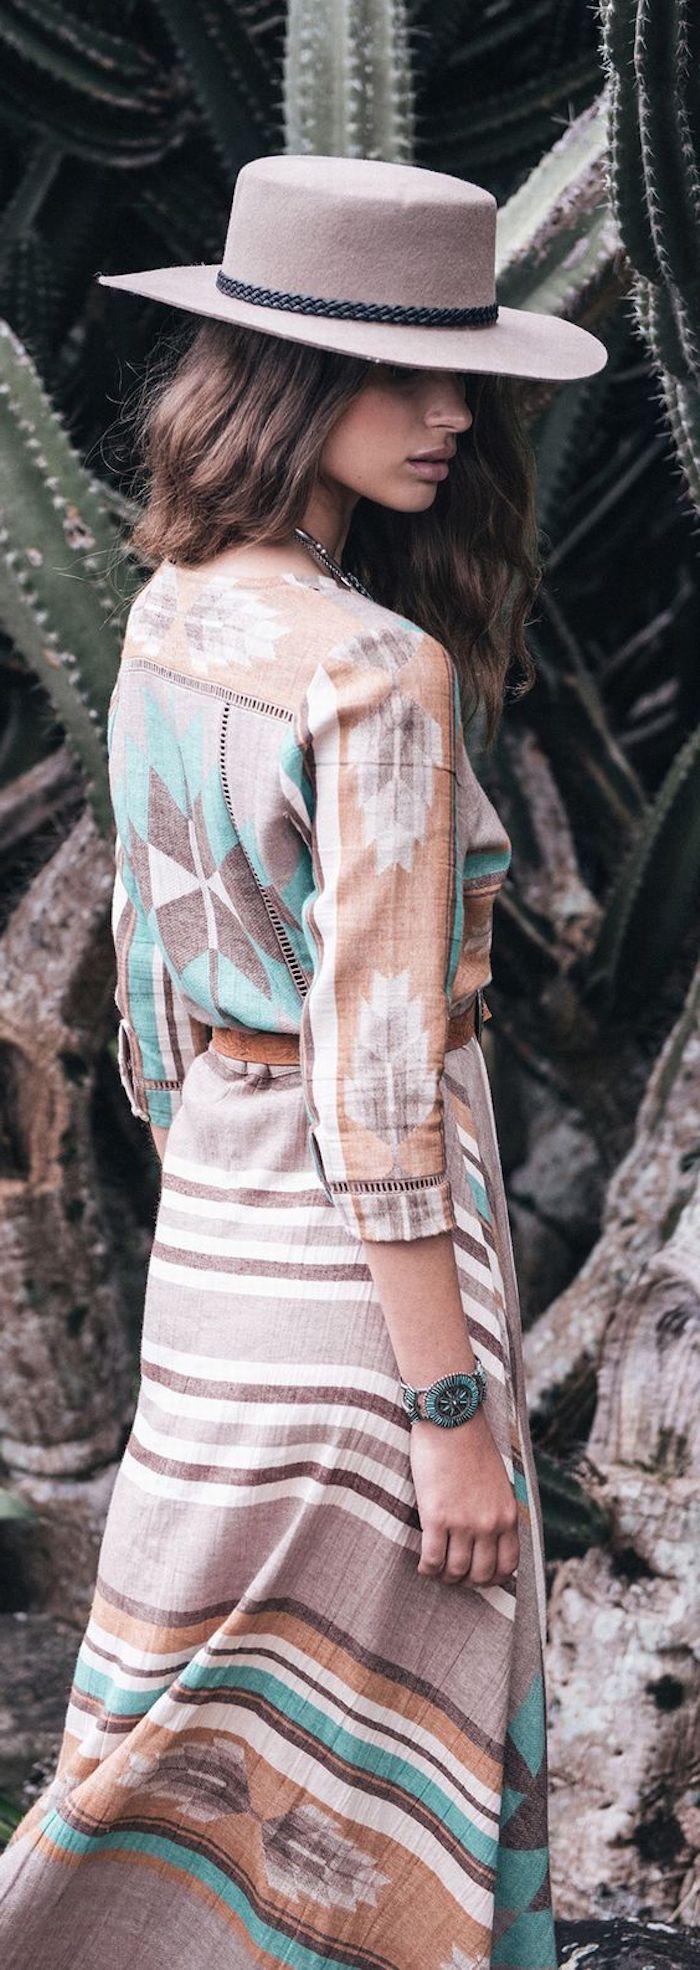 Robe bohème chic longue manche longue style bohème rustique cool idée tenue femme romantique pour les vacances d'été